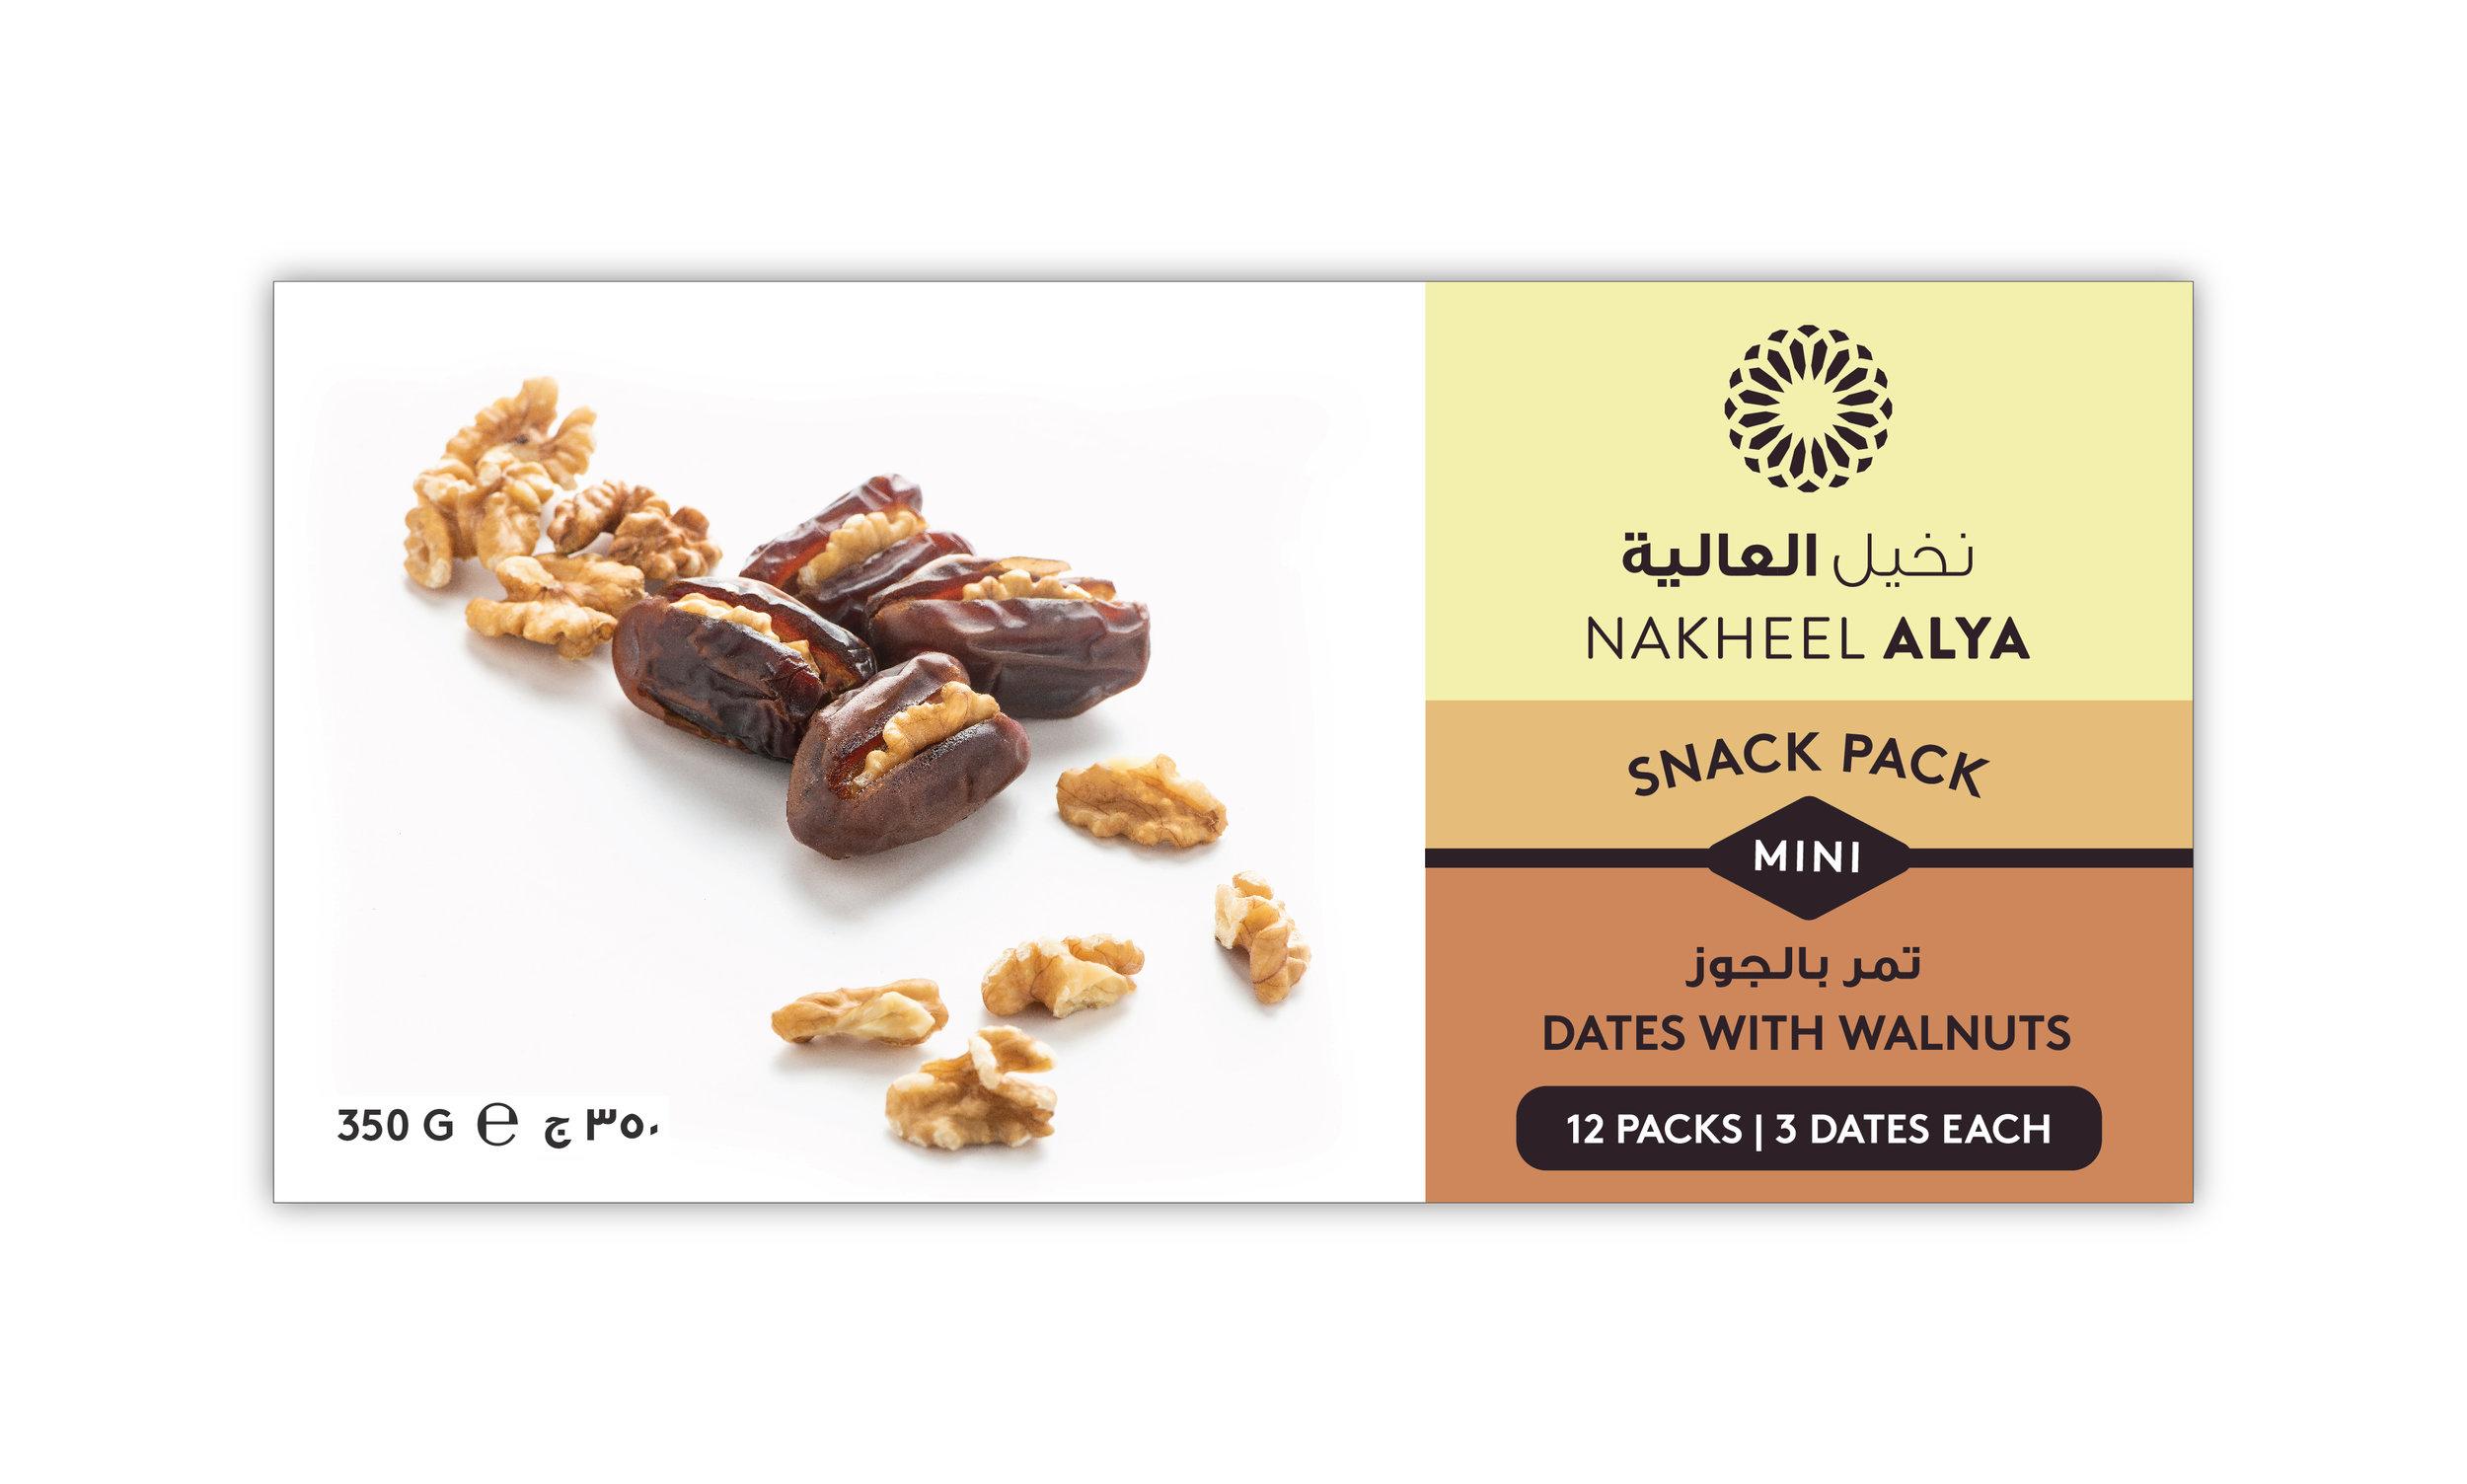 Snack Pack Mini Box_Dates with Walnuts_WEB.jpg